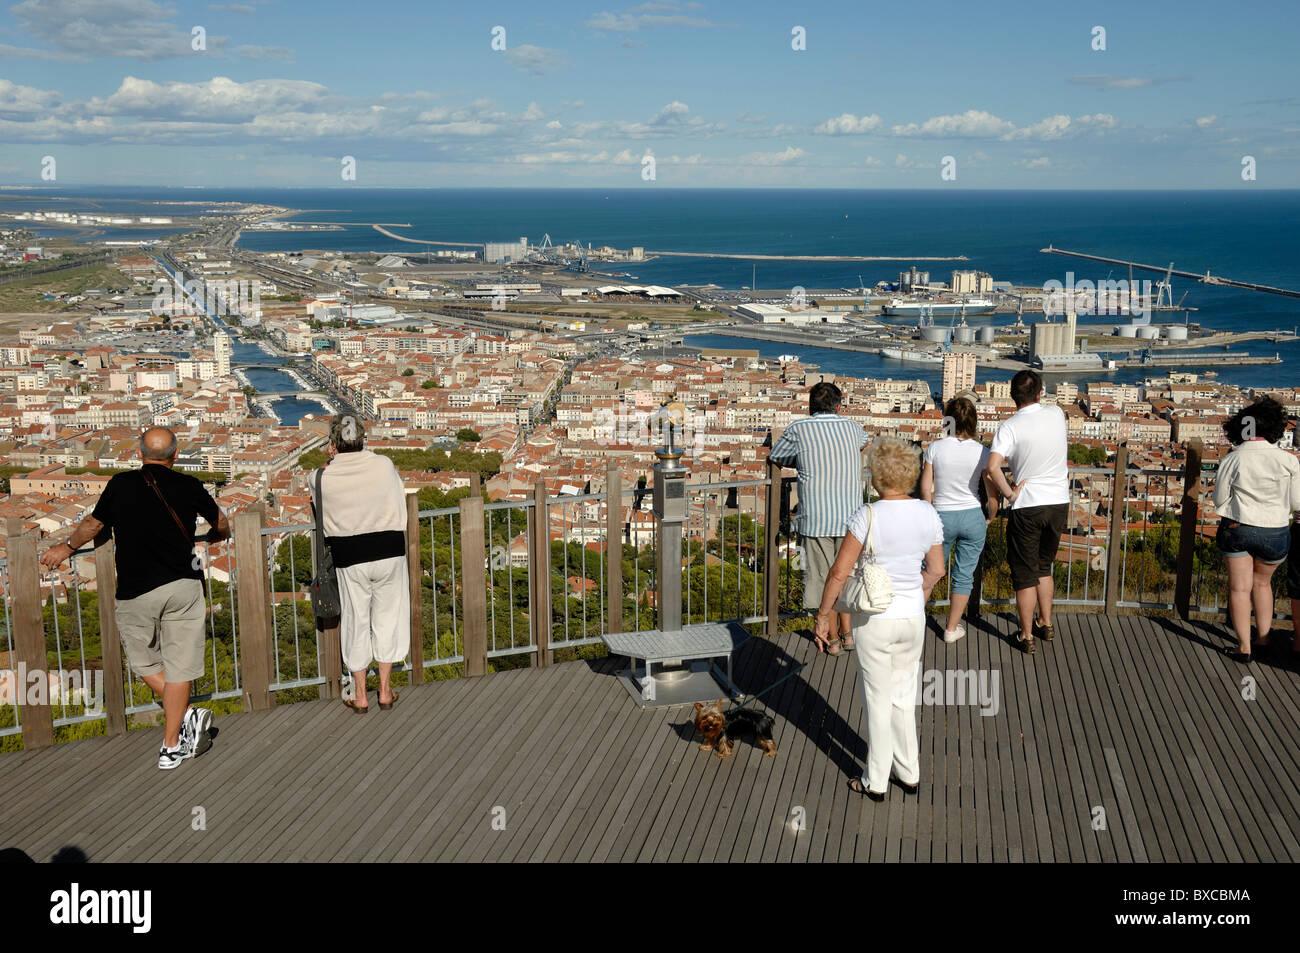 Touristen am Mont St-Clair Aussichtspunkt mit Blick auf den Canal City oder die Stadt Sète, Herault, Frankreich Stockbild